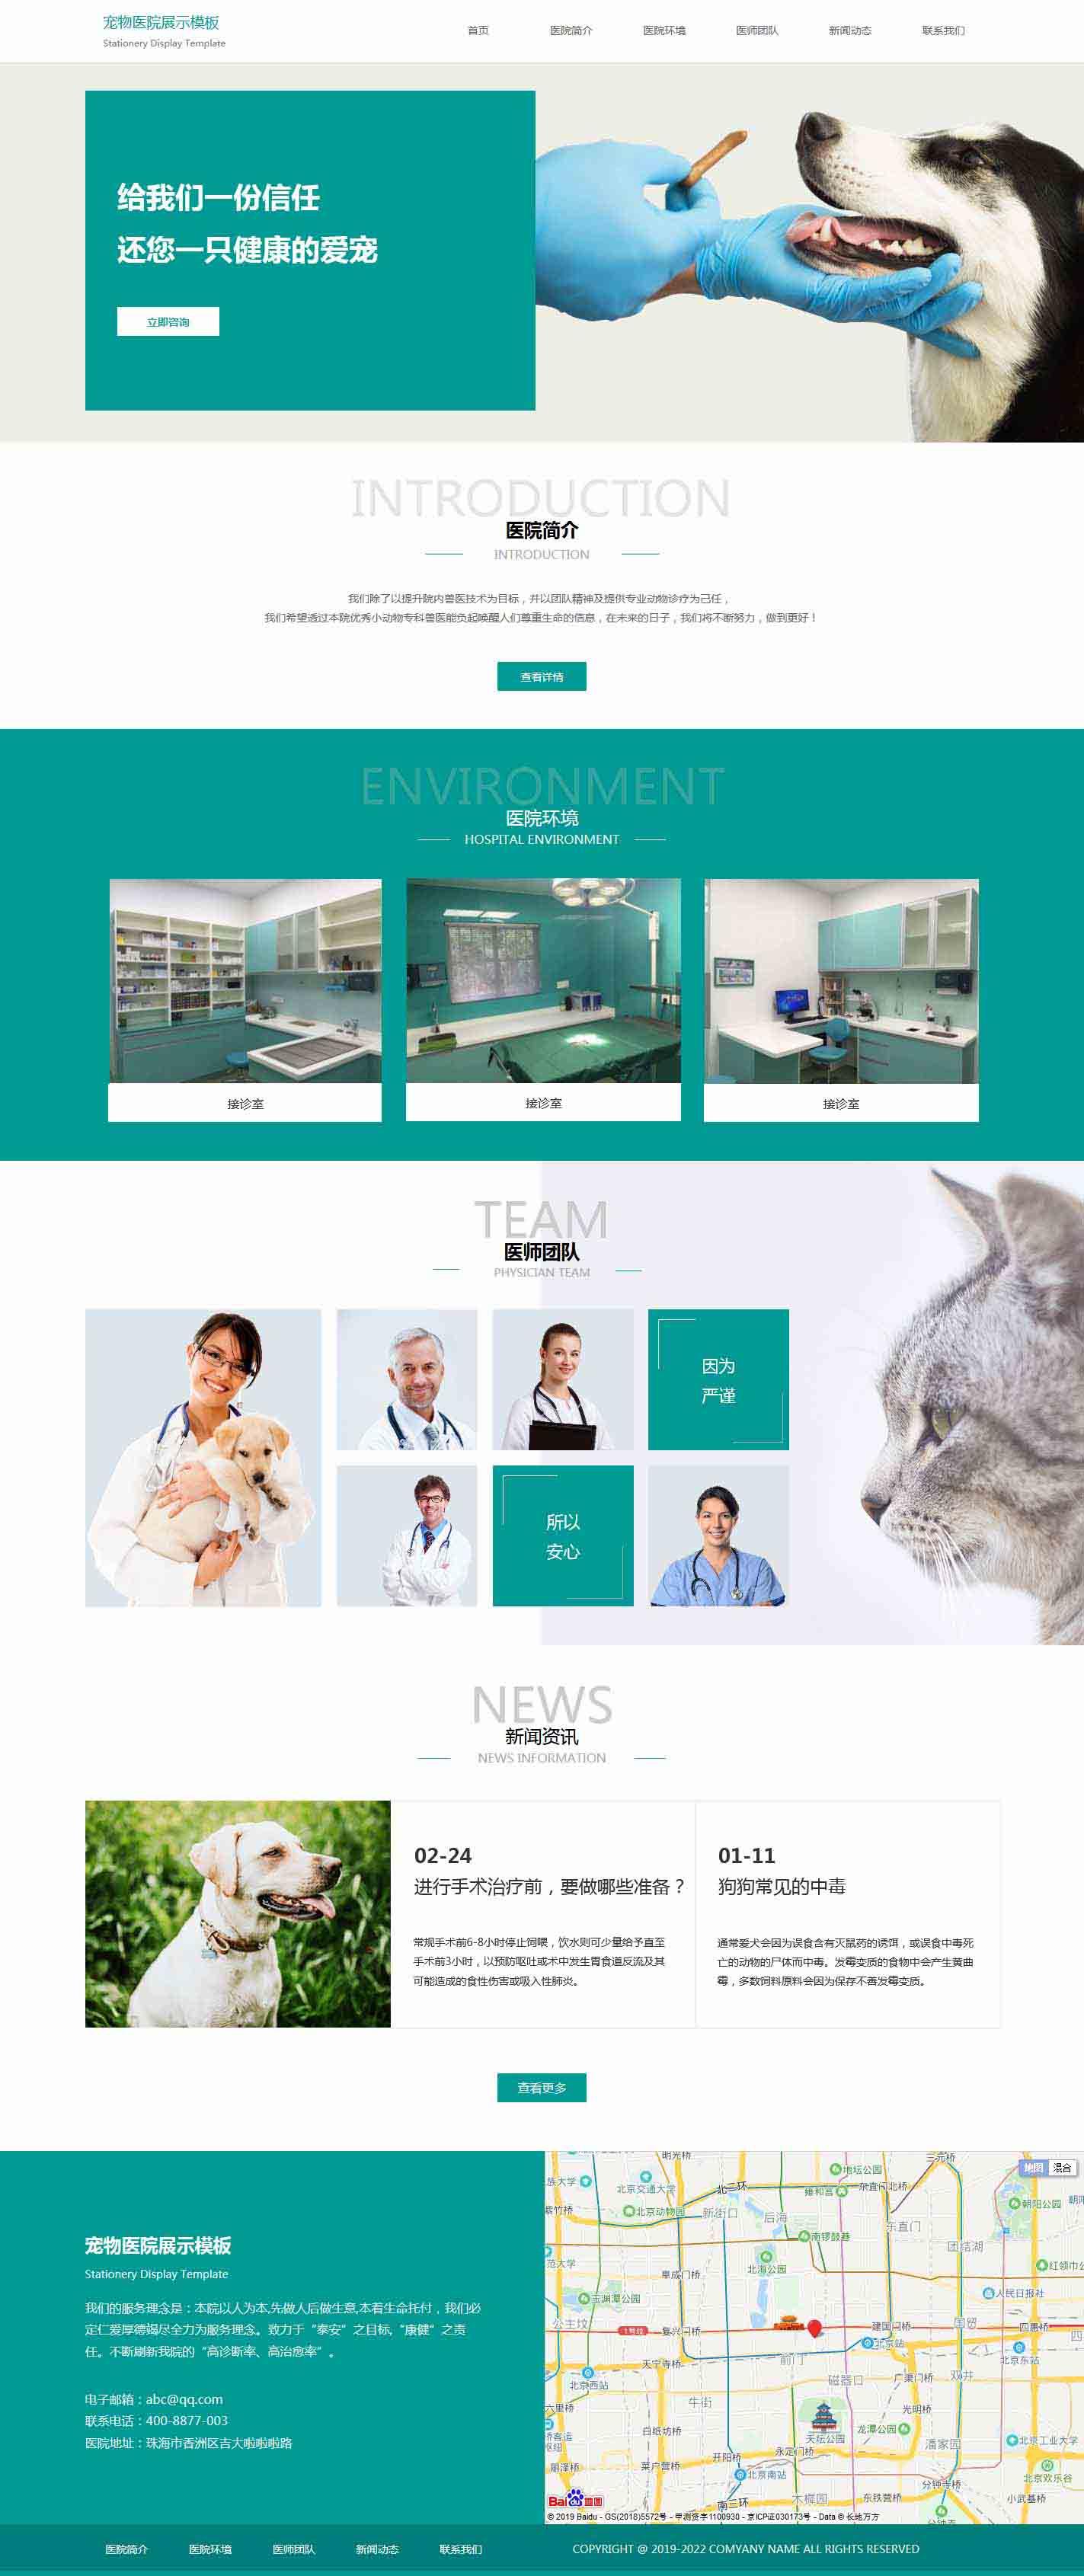 绿色宠物医院展示模板